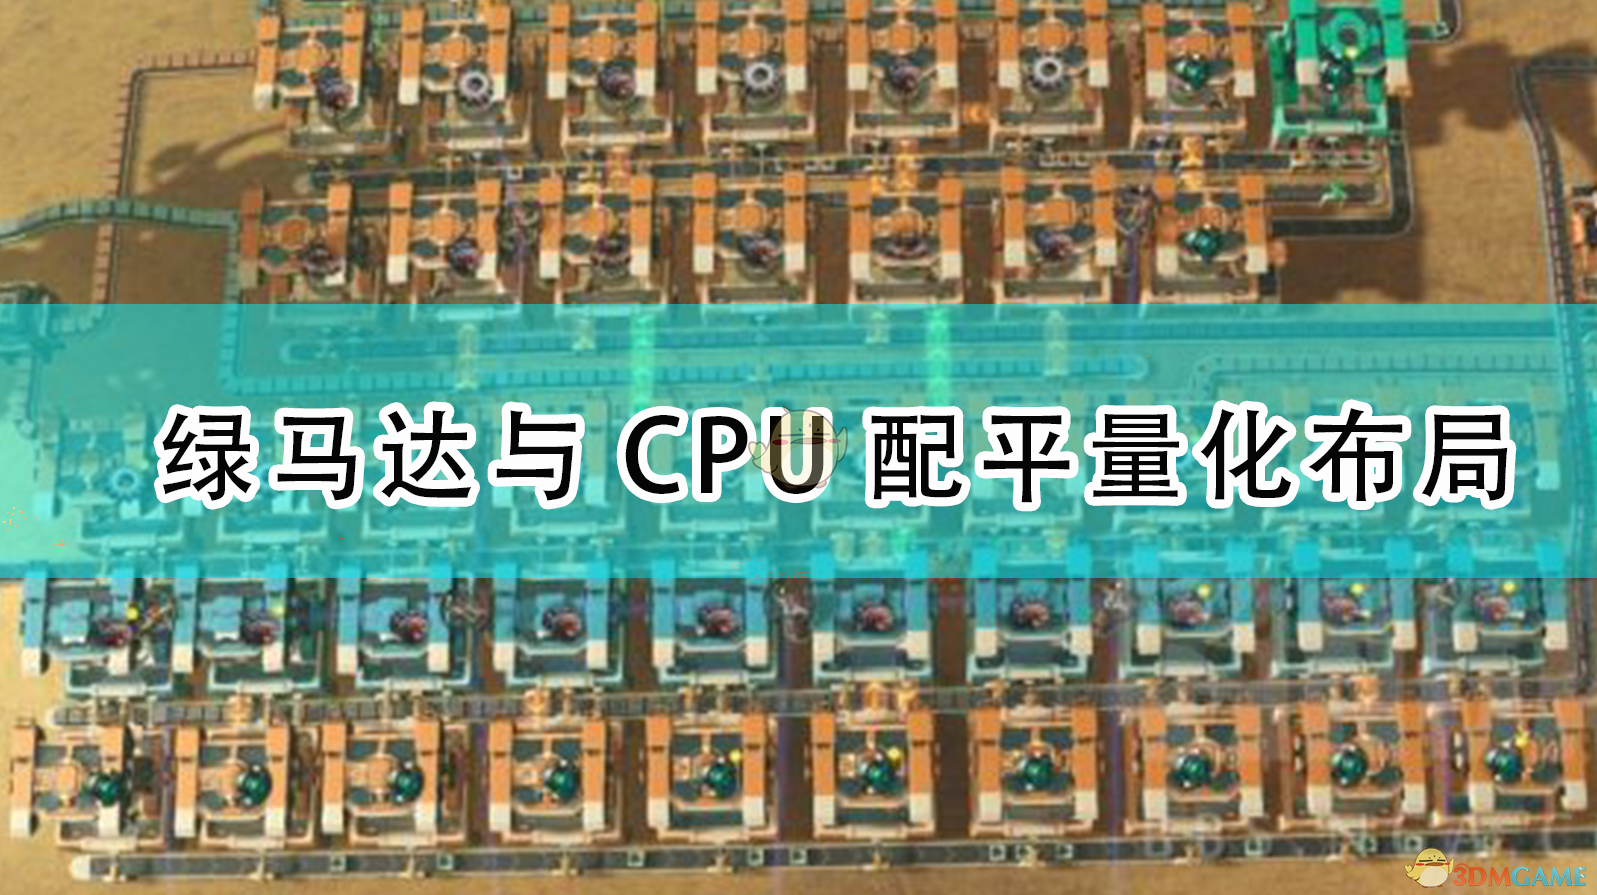 《戴森球计划》绿马达与CPU配平量化布局